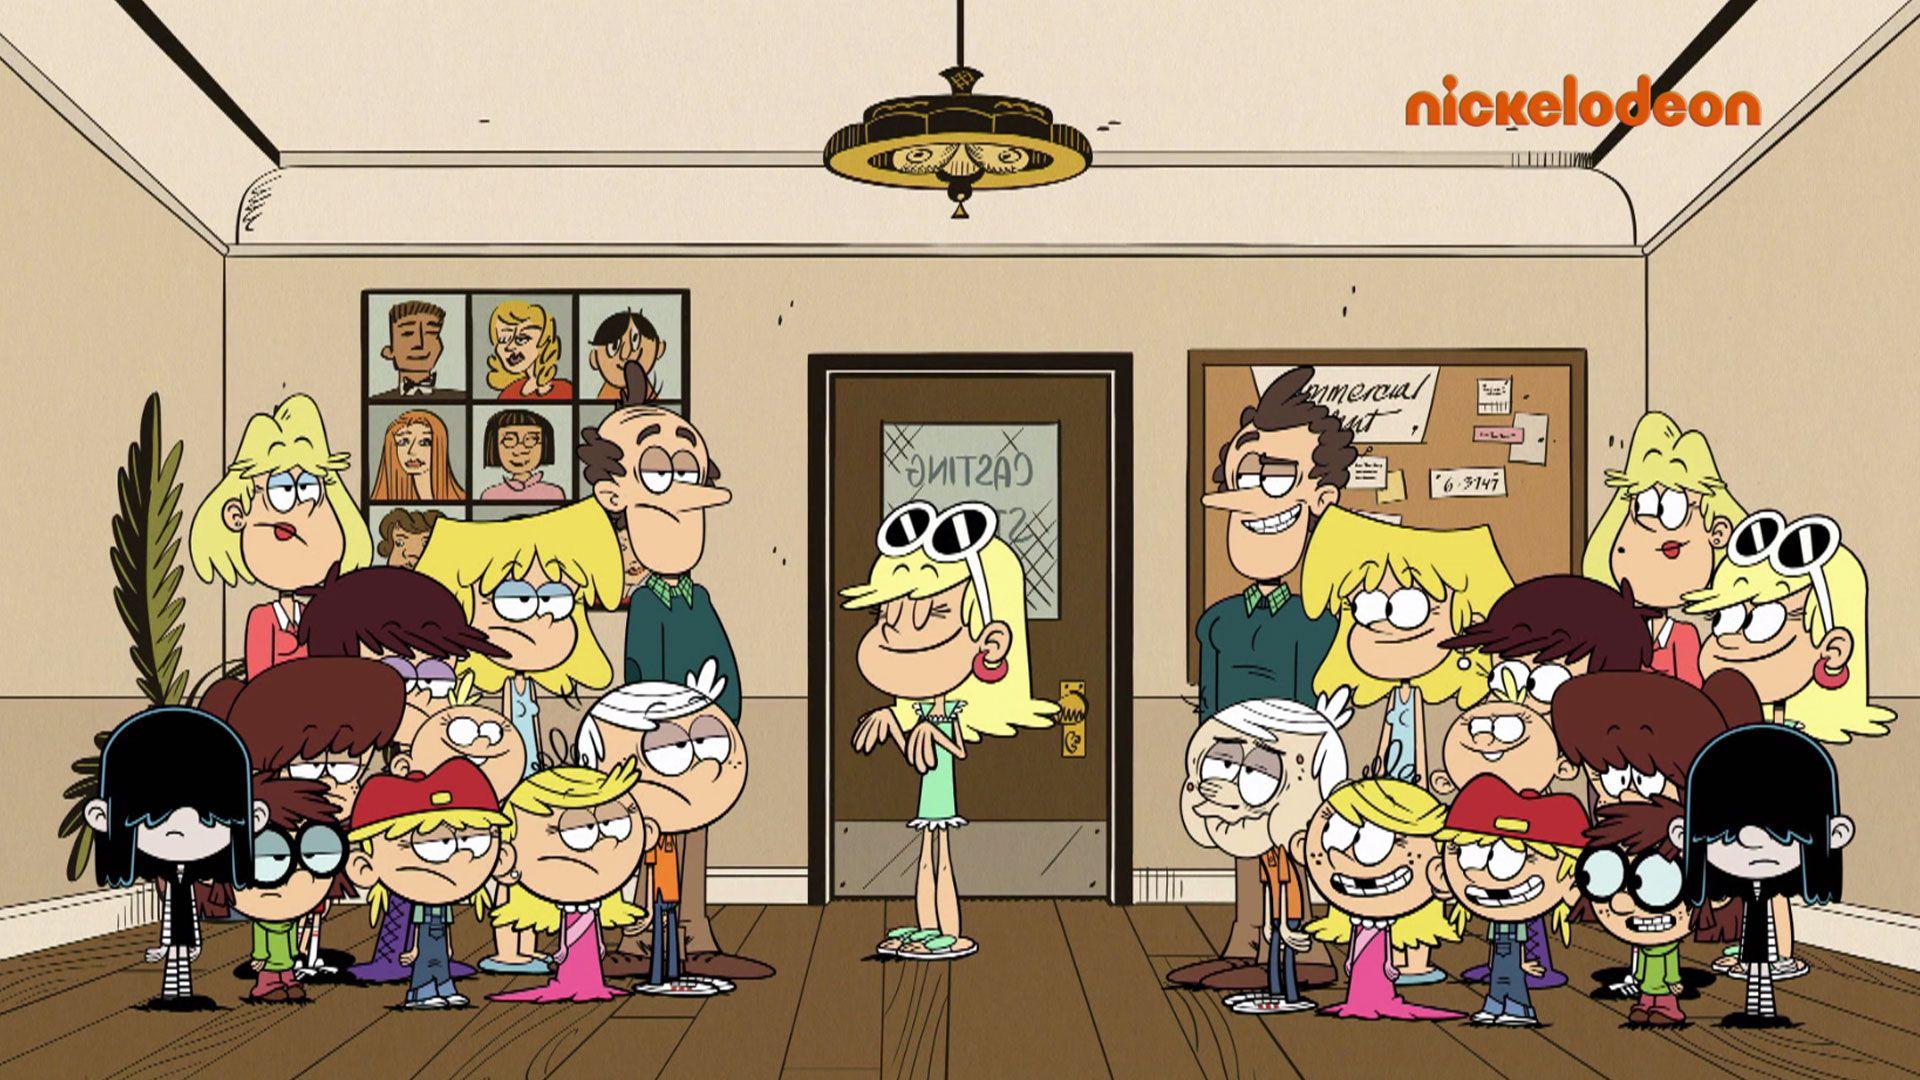 Allo Maman Bobo Video Bienvenue Chez Les Loud Nickelodeon